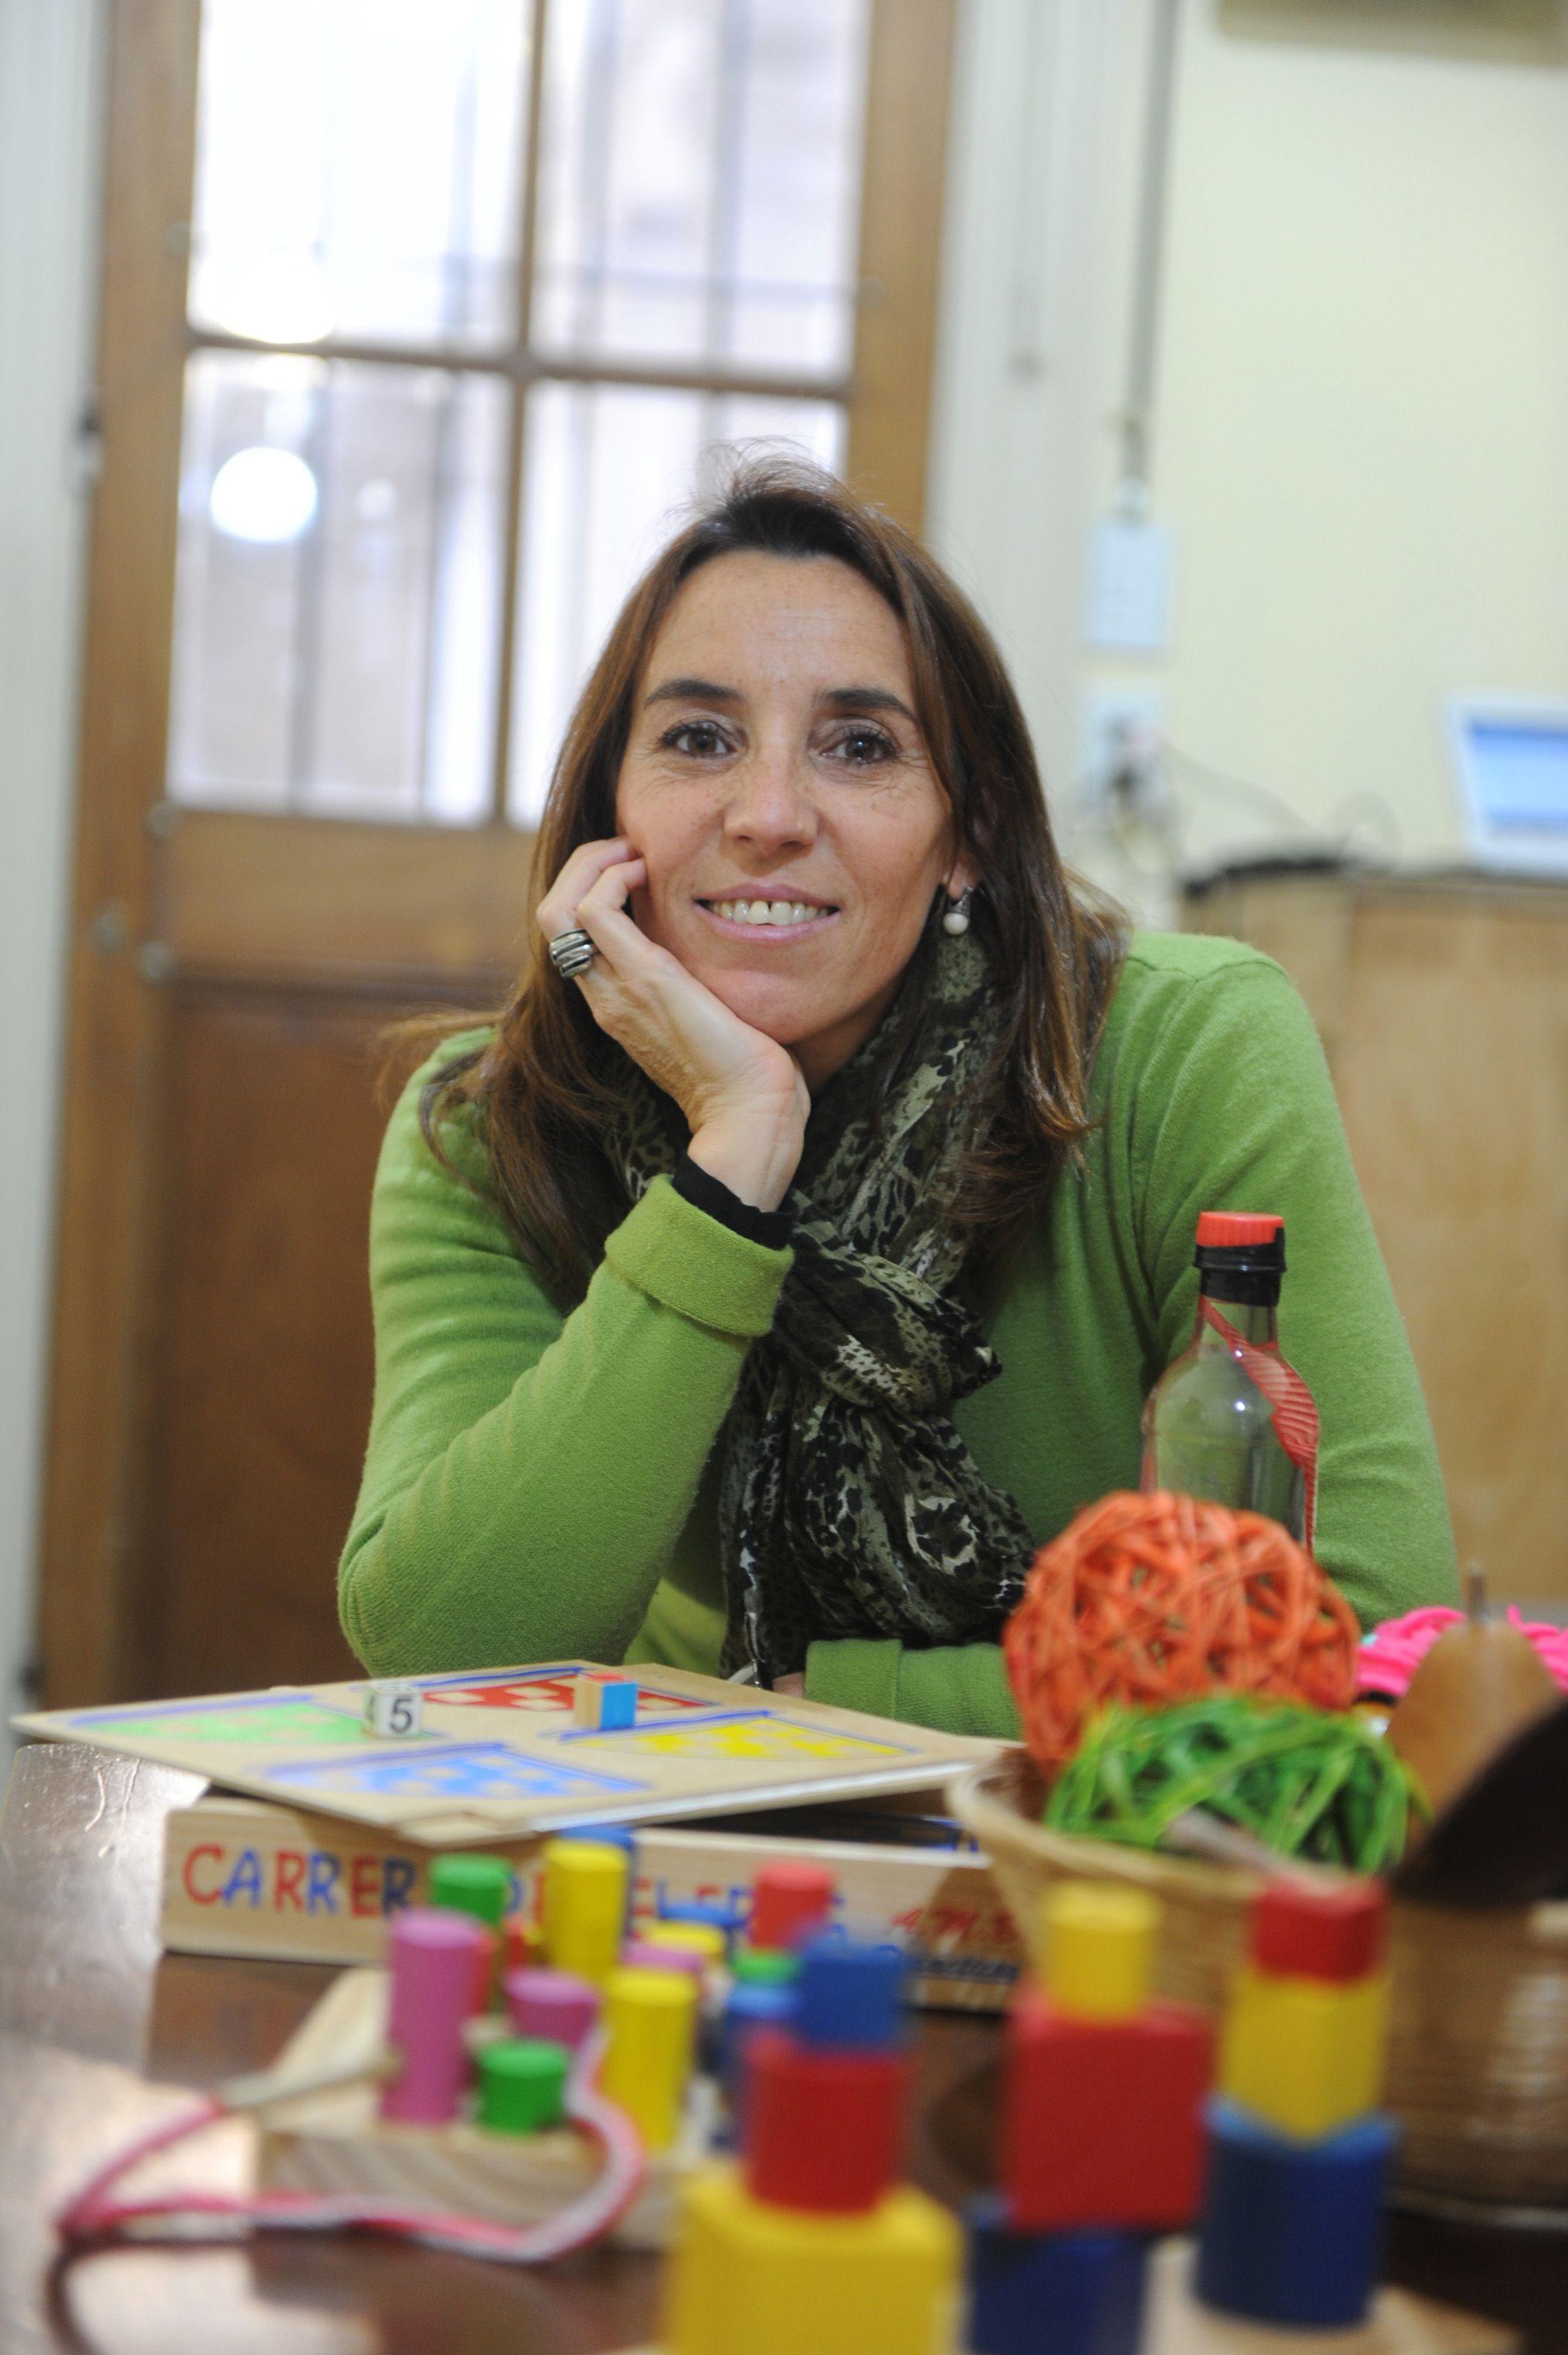 La educadora María Renée Candia defiende el derecho pleno de los chicos a jugar.